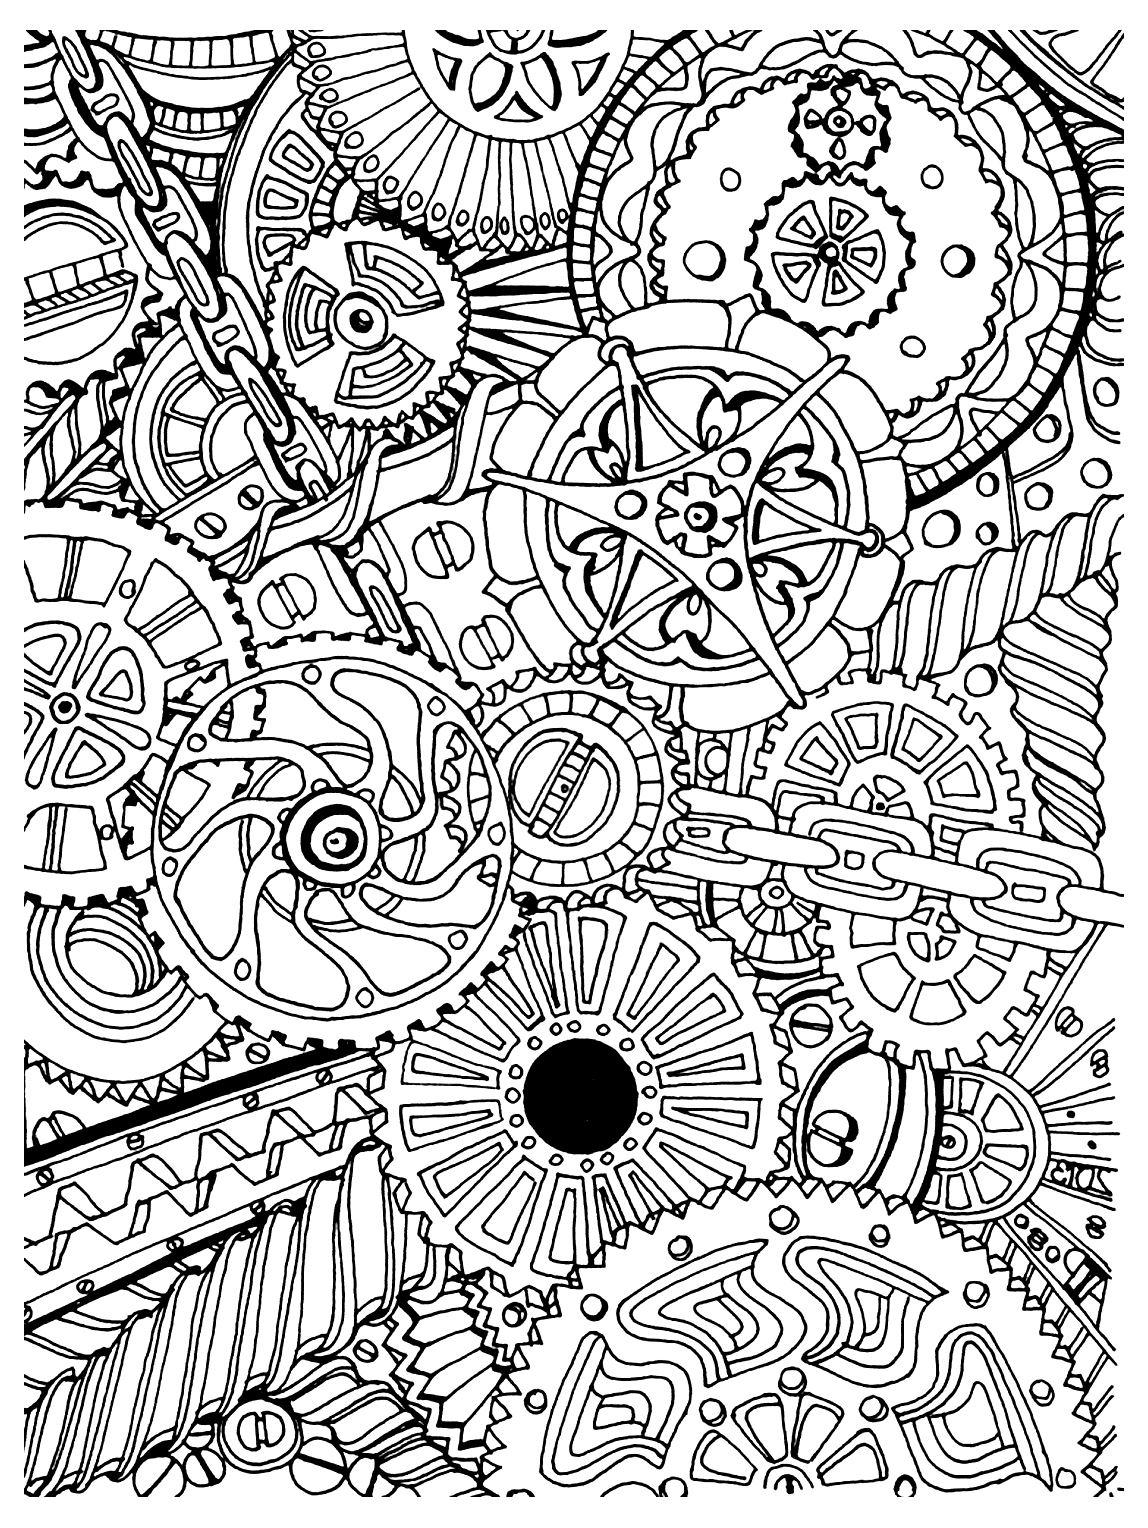 Zen Anti Stress Mecanismes A Imprimer - Anti-Stress & Art encequiconcerne Coloriage Zen